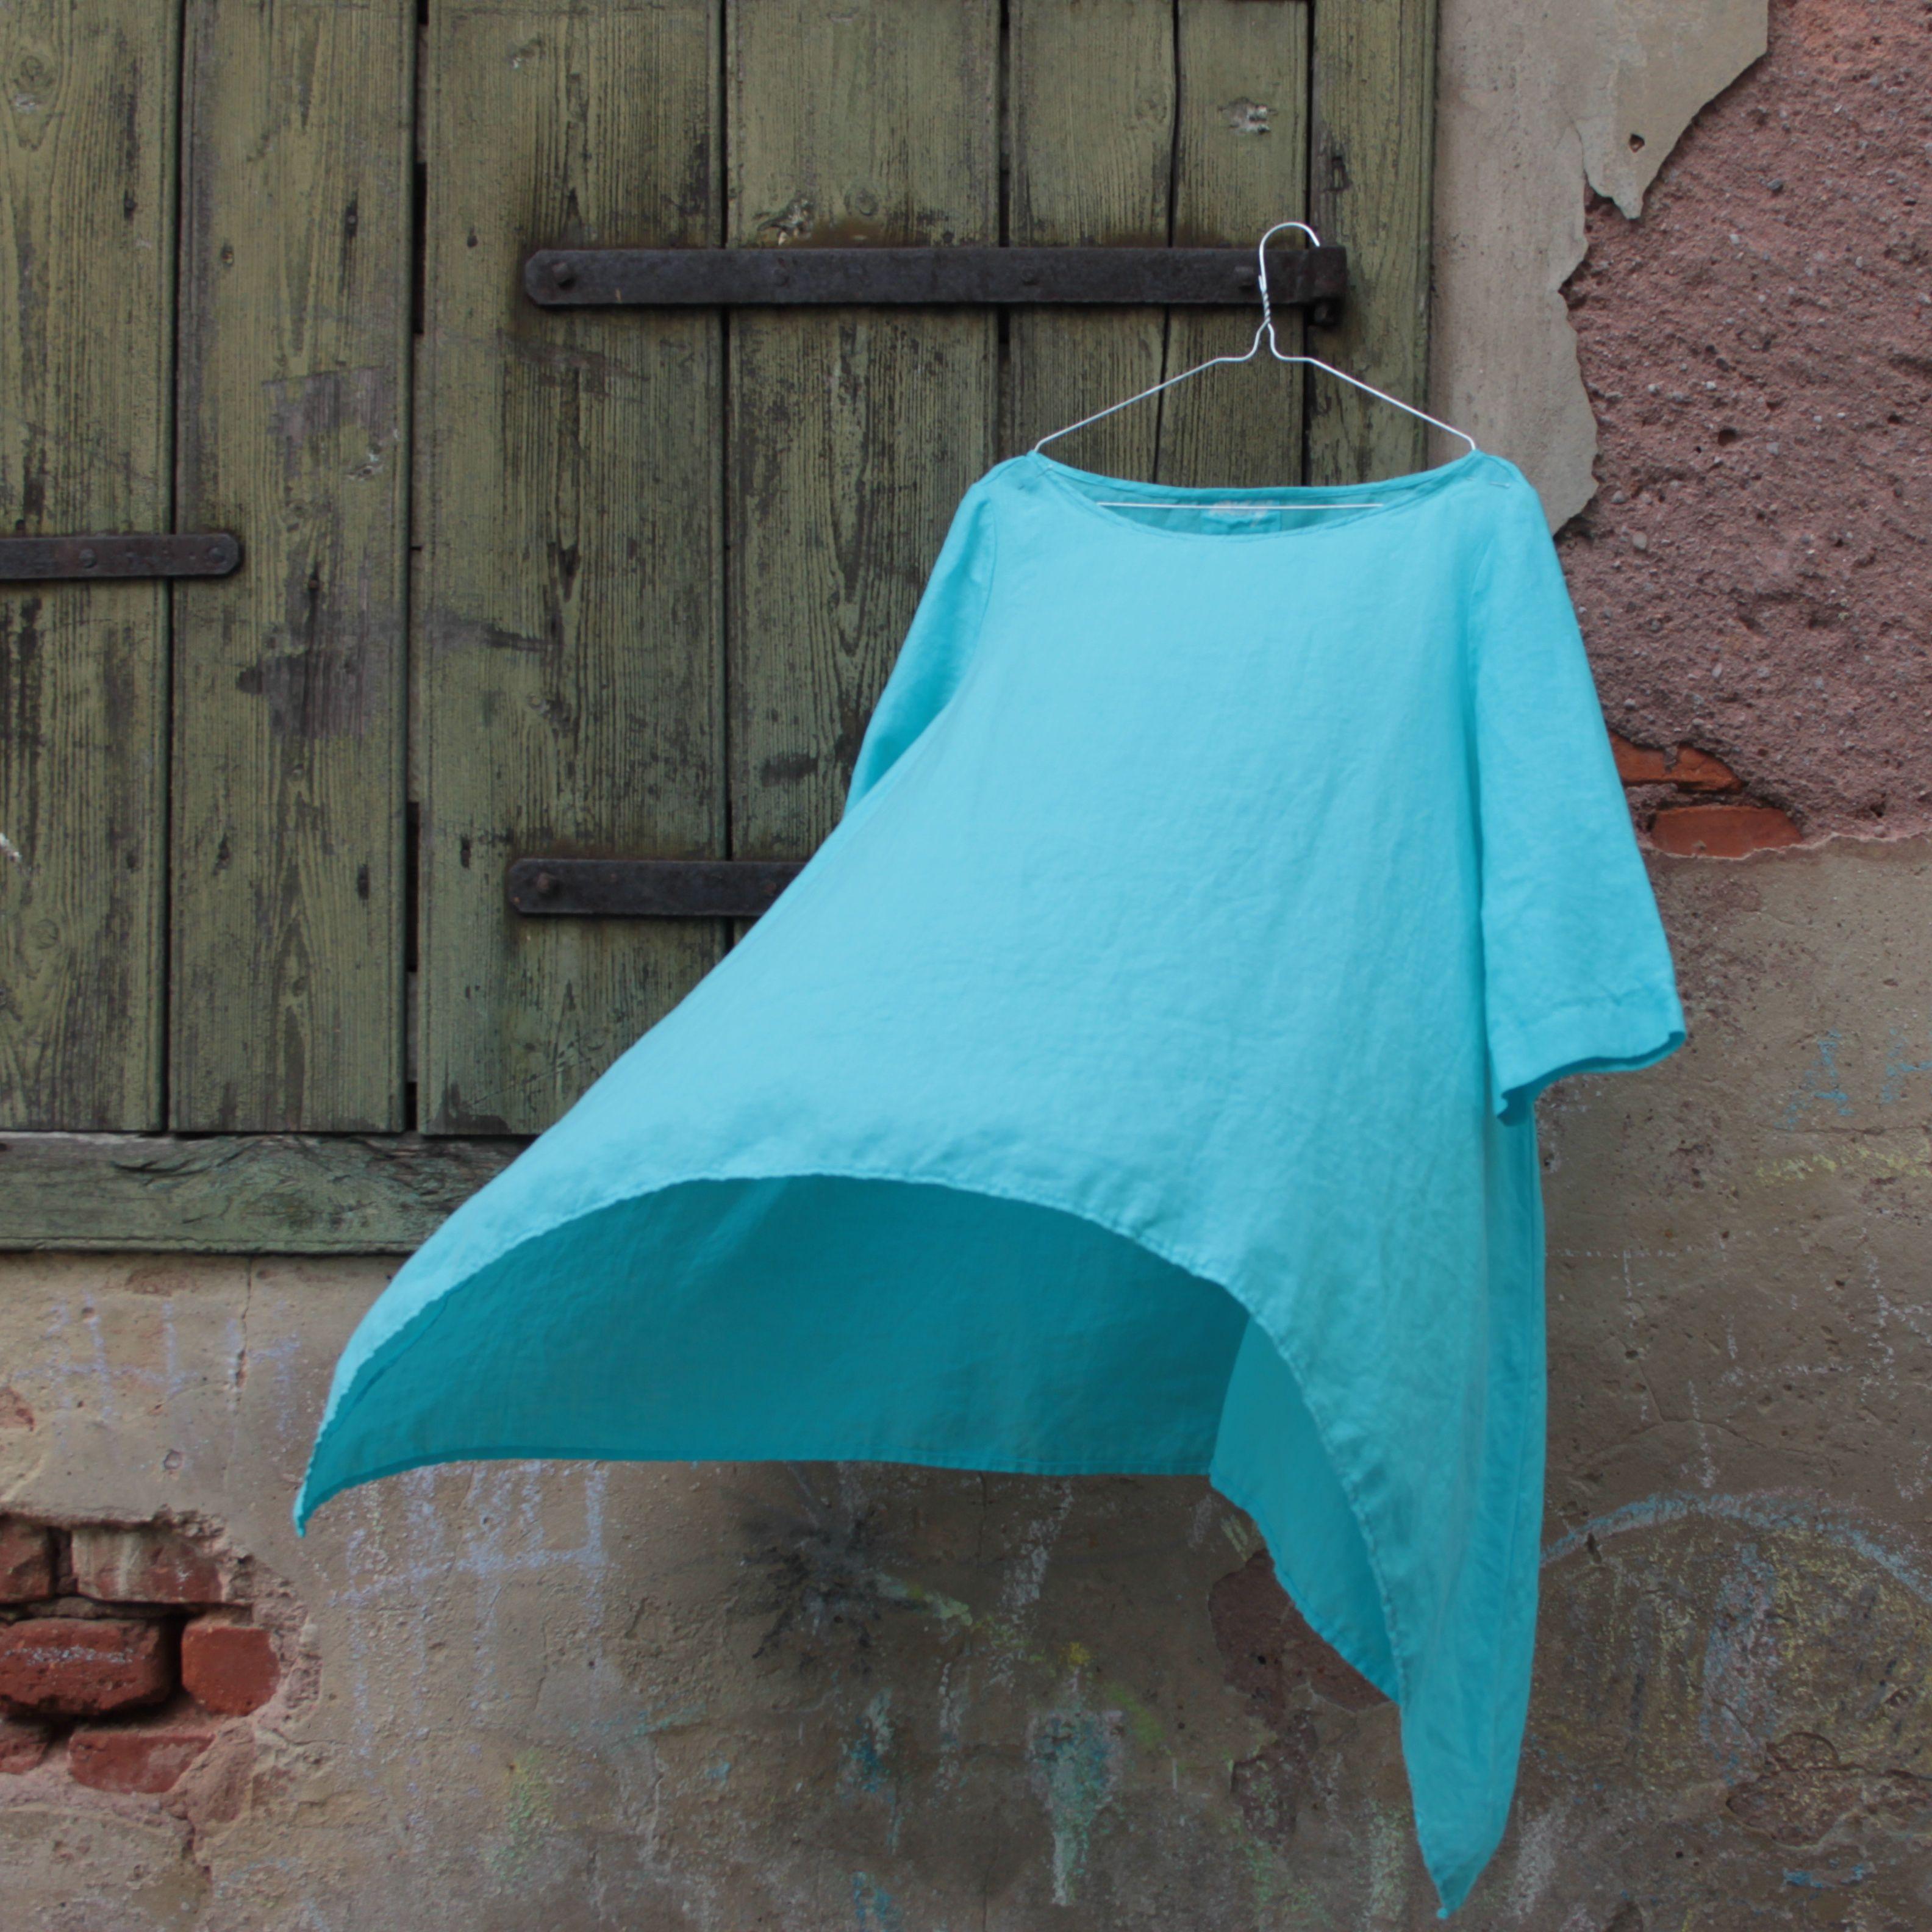 Linen tunic. Lehká lněná tunika, obléká se přes hlavu, je velmi volného střihu s cípy na bocích, bez prsních záševků a s 3/4 rukávy.